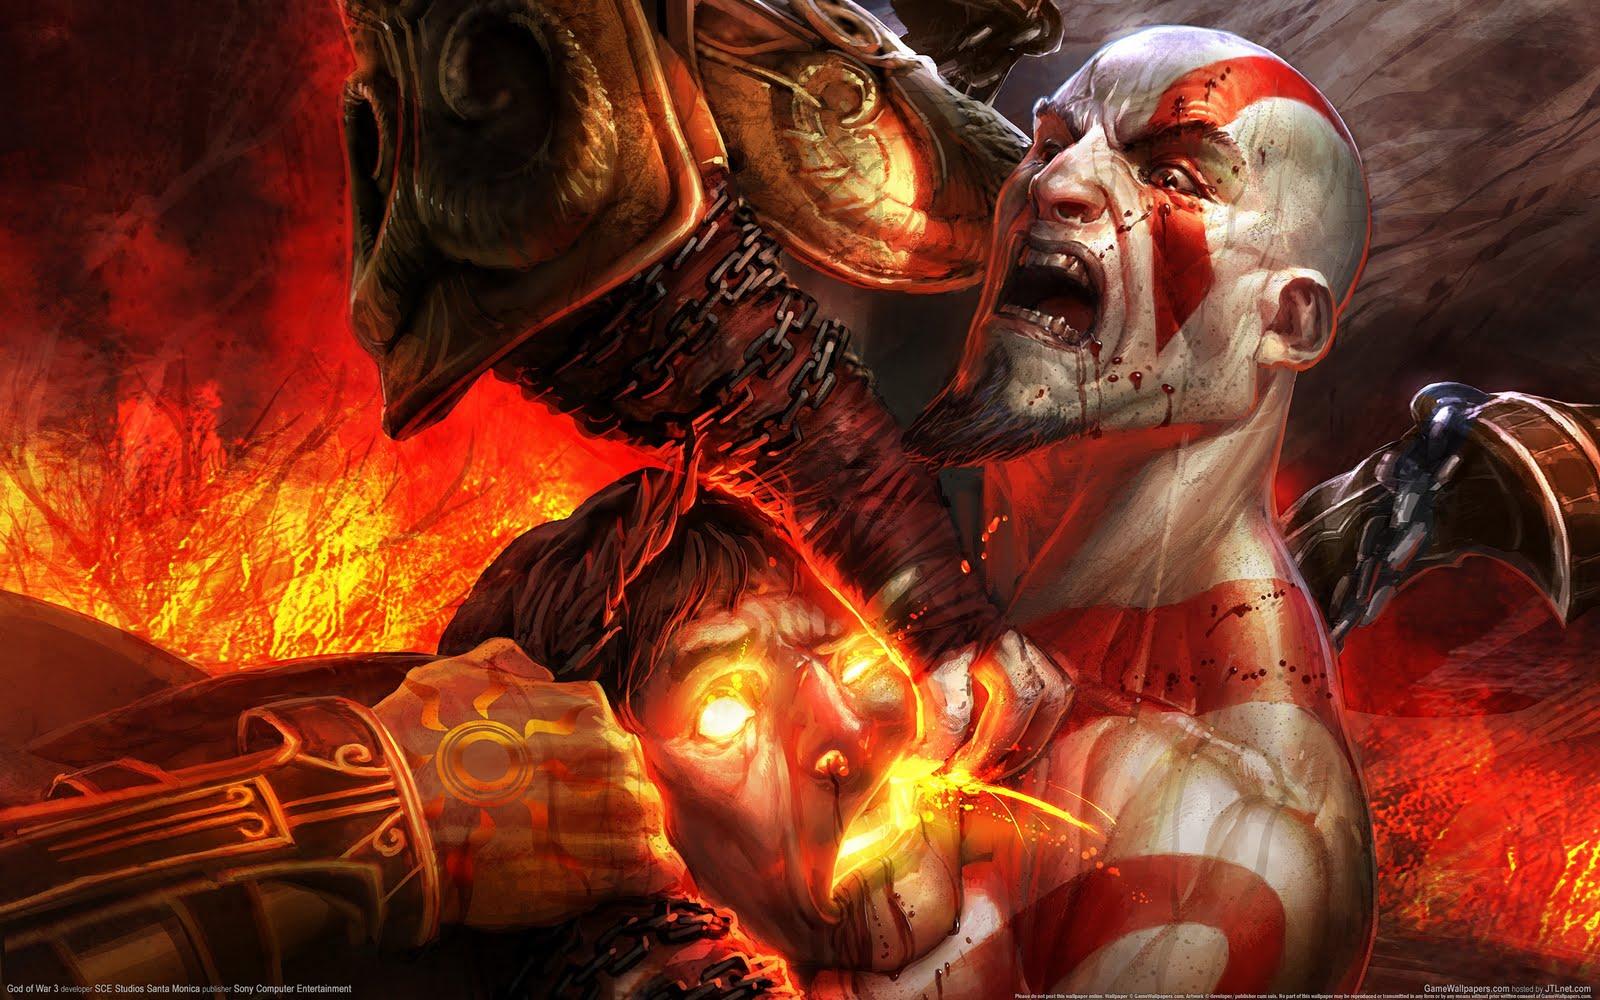 http://4.bp.blogspot.com/_haDdf4ClU9g/S-1PMYJTErI/AAAAAAAAAVU/ToHWfvxwzEM/s1600/4be4efc0_352442e4_wallpaper_god_of_war_3_06_2560x1600.jpg